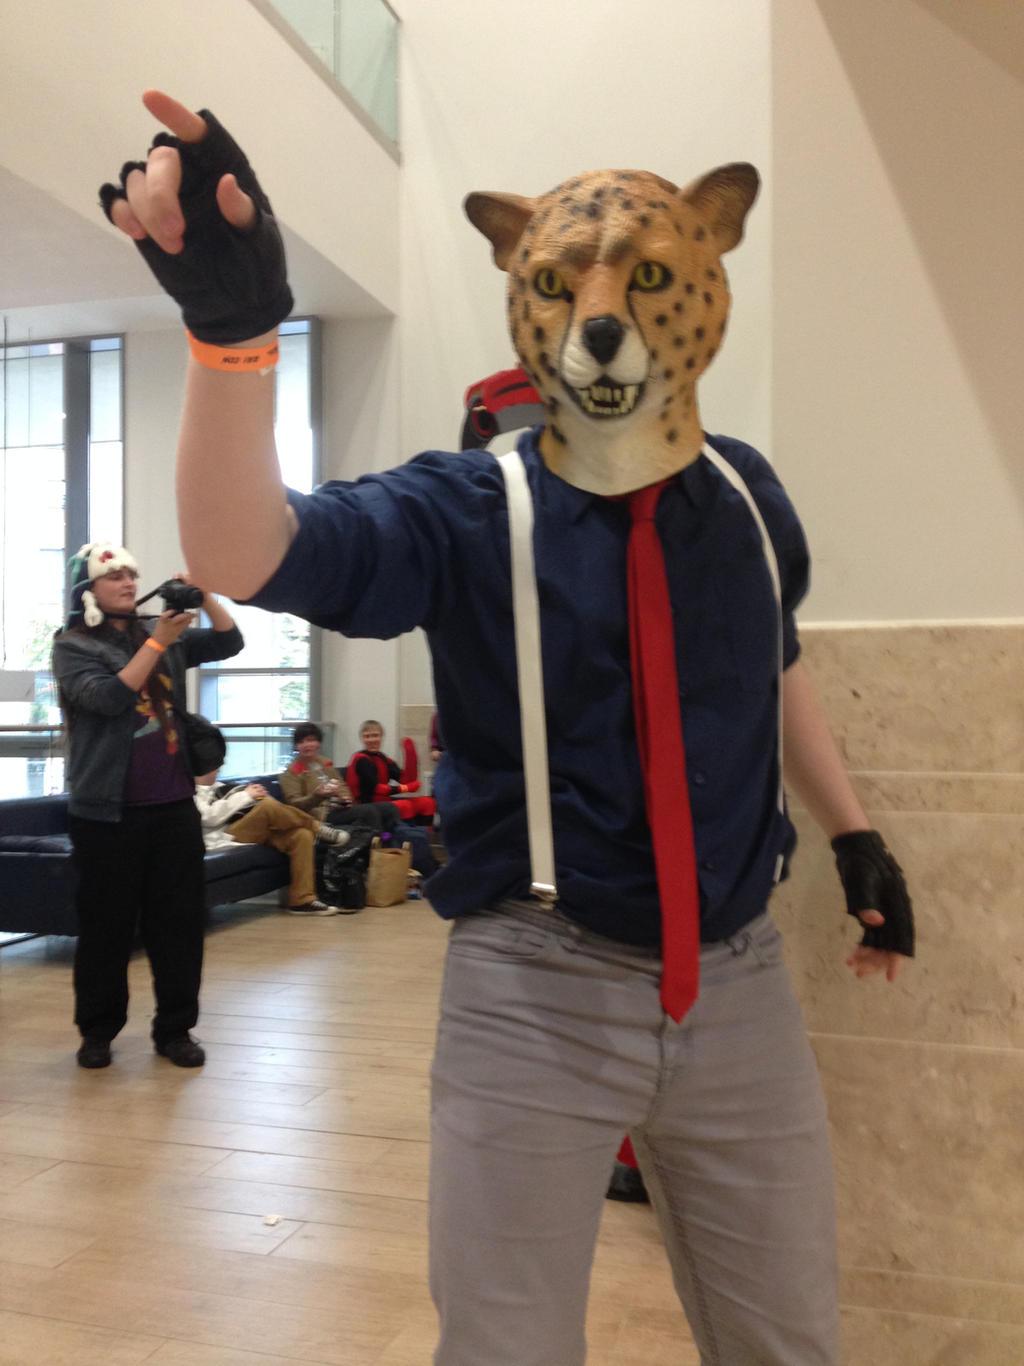 king tekken 3 outfit cosplay